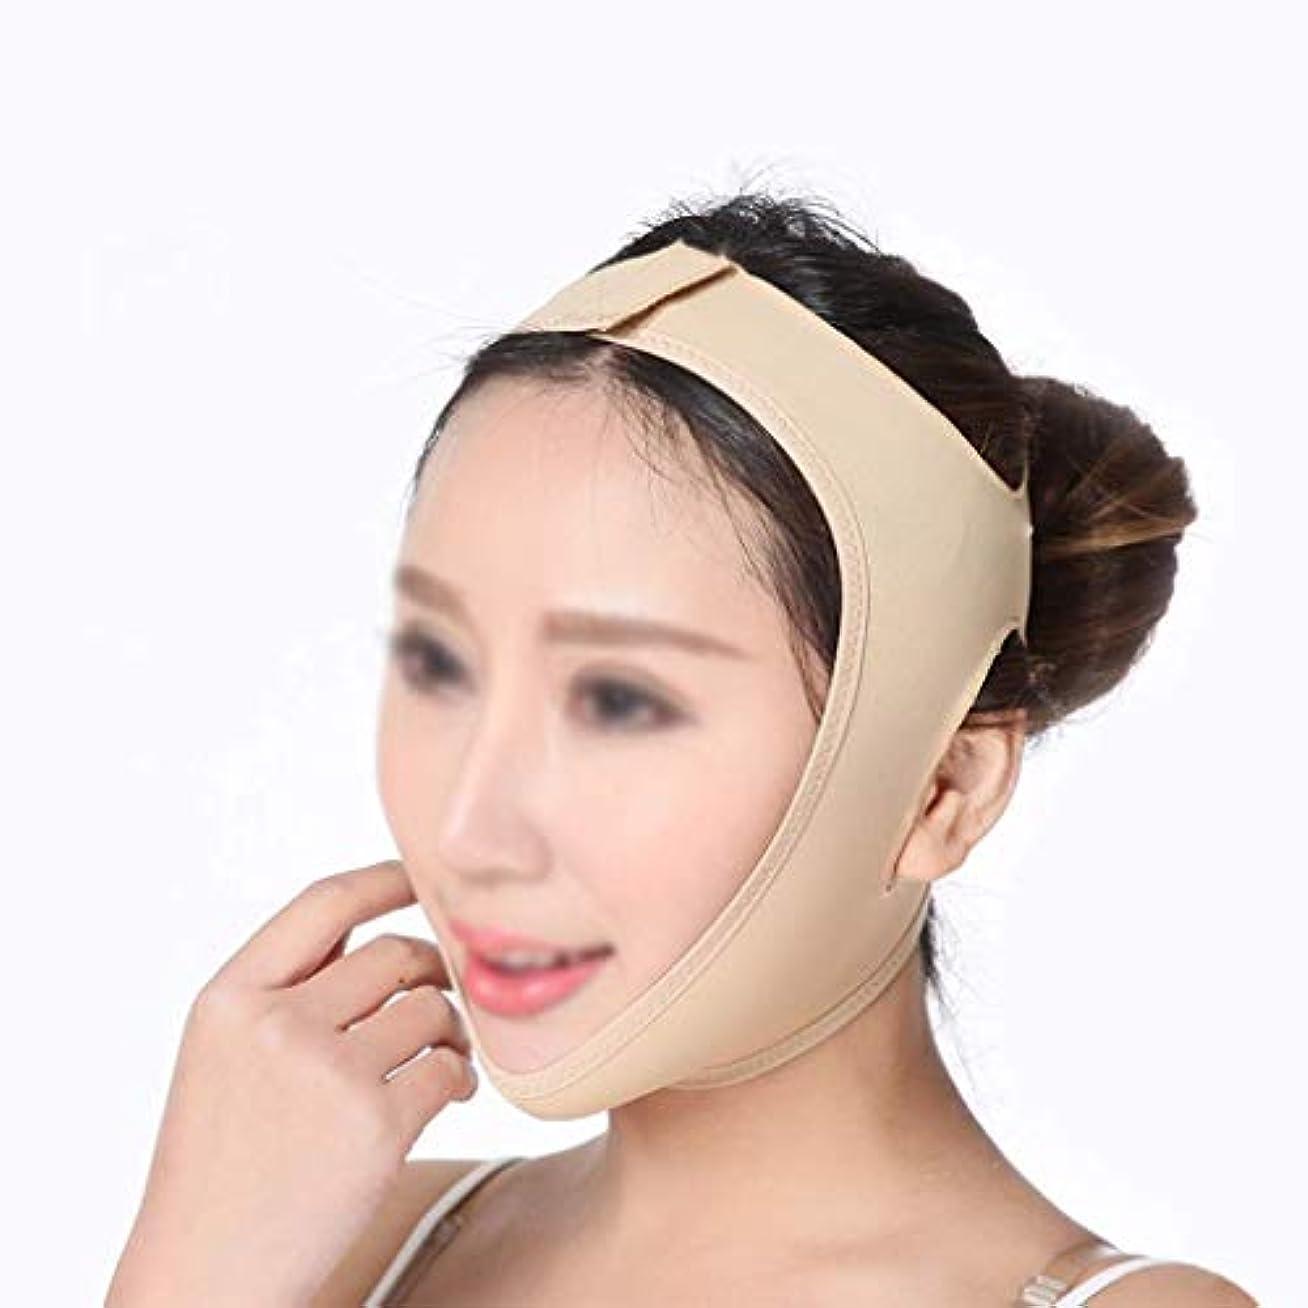 フェイシャルチークリフティングマスク、ダブルチンとフェイスを効果的に改善、フェイスリフト包帯、ダブルチンを減らす(サイズ:L),ザ?